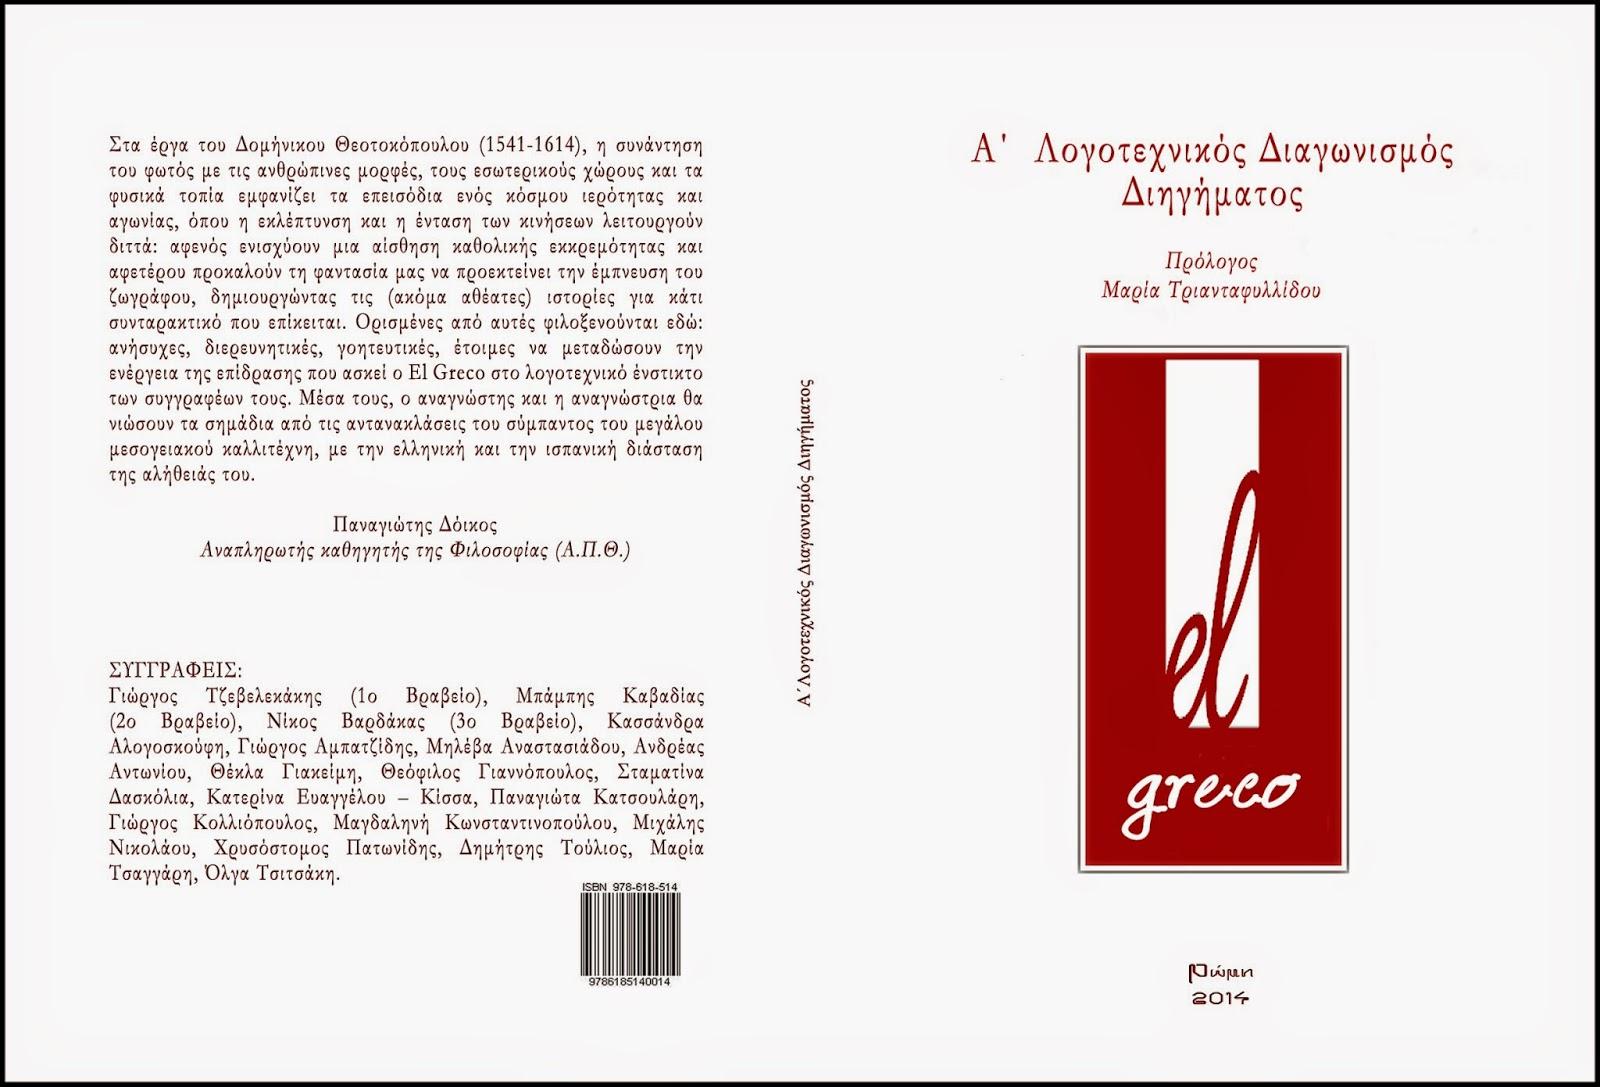 """""""Α' Λογοτεχνικός Διαγωνισμός Διηγήματος""""-Ετος """"El Greco"""""""